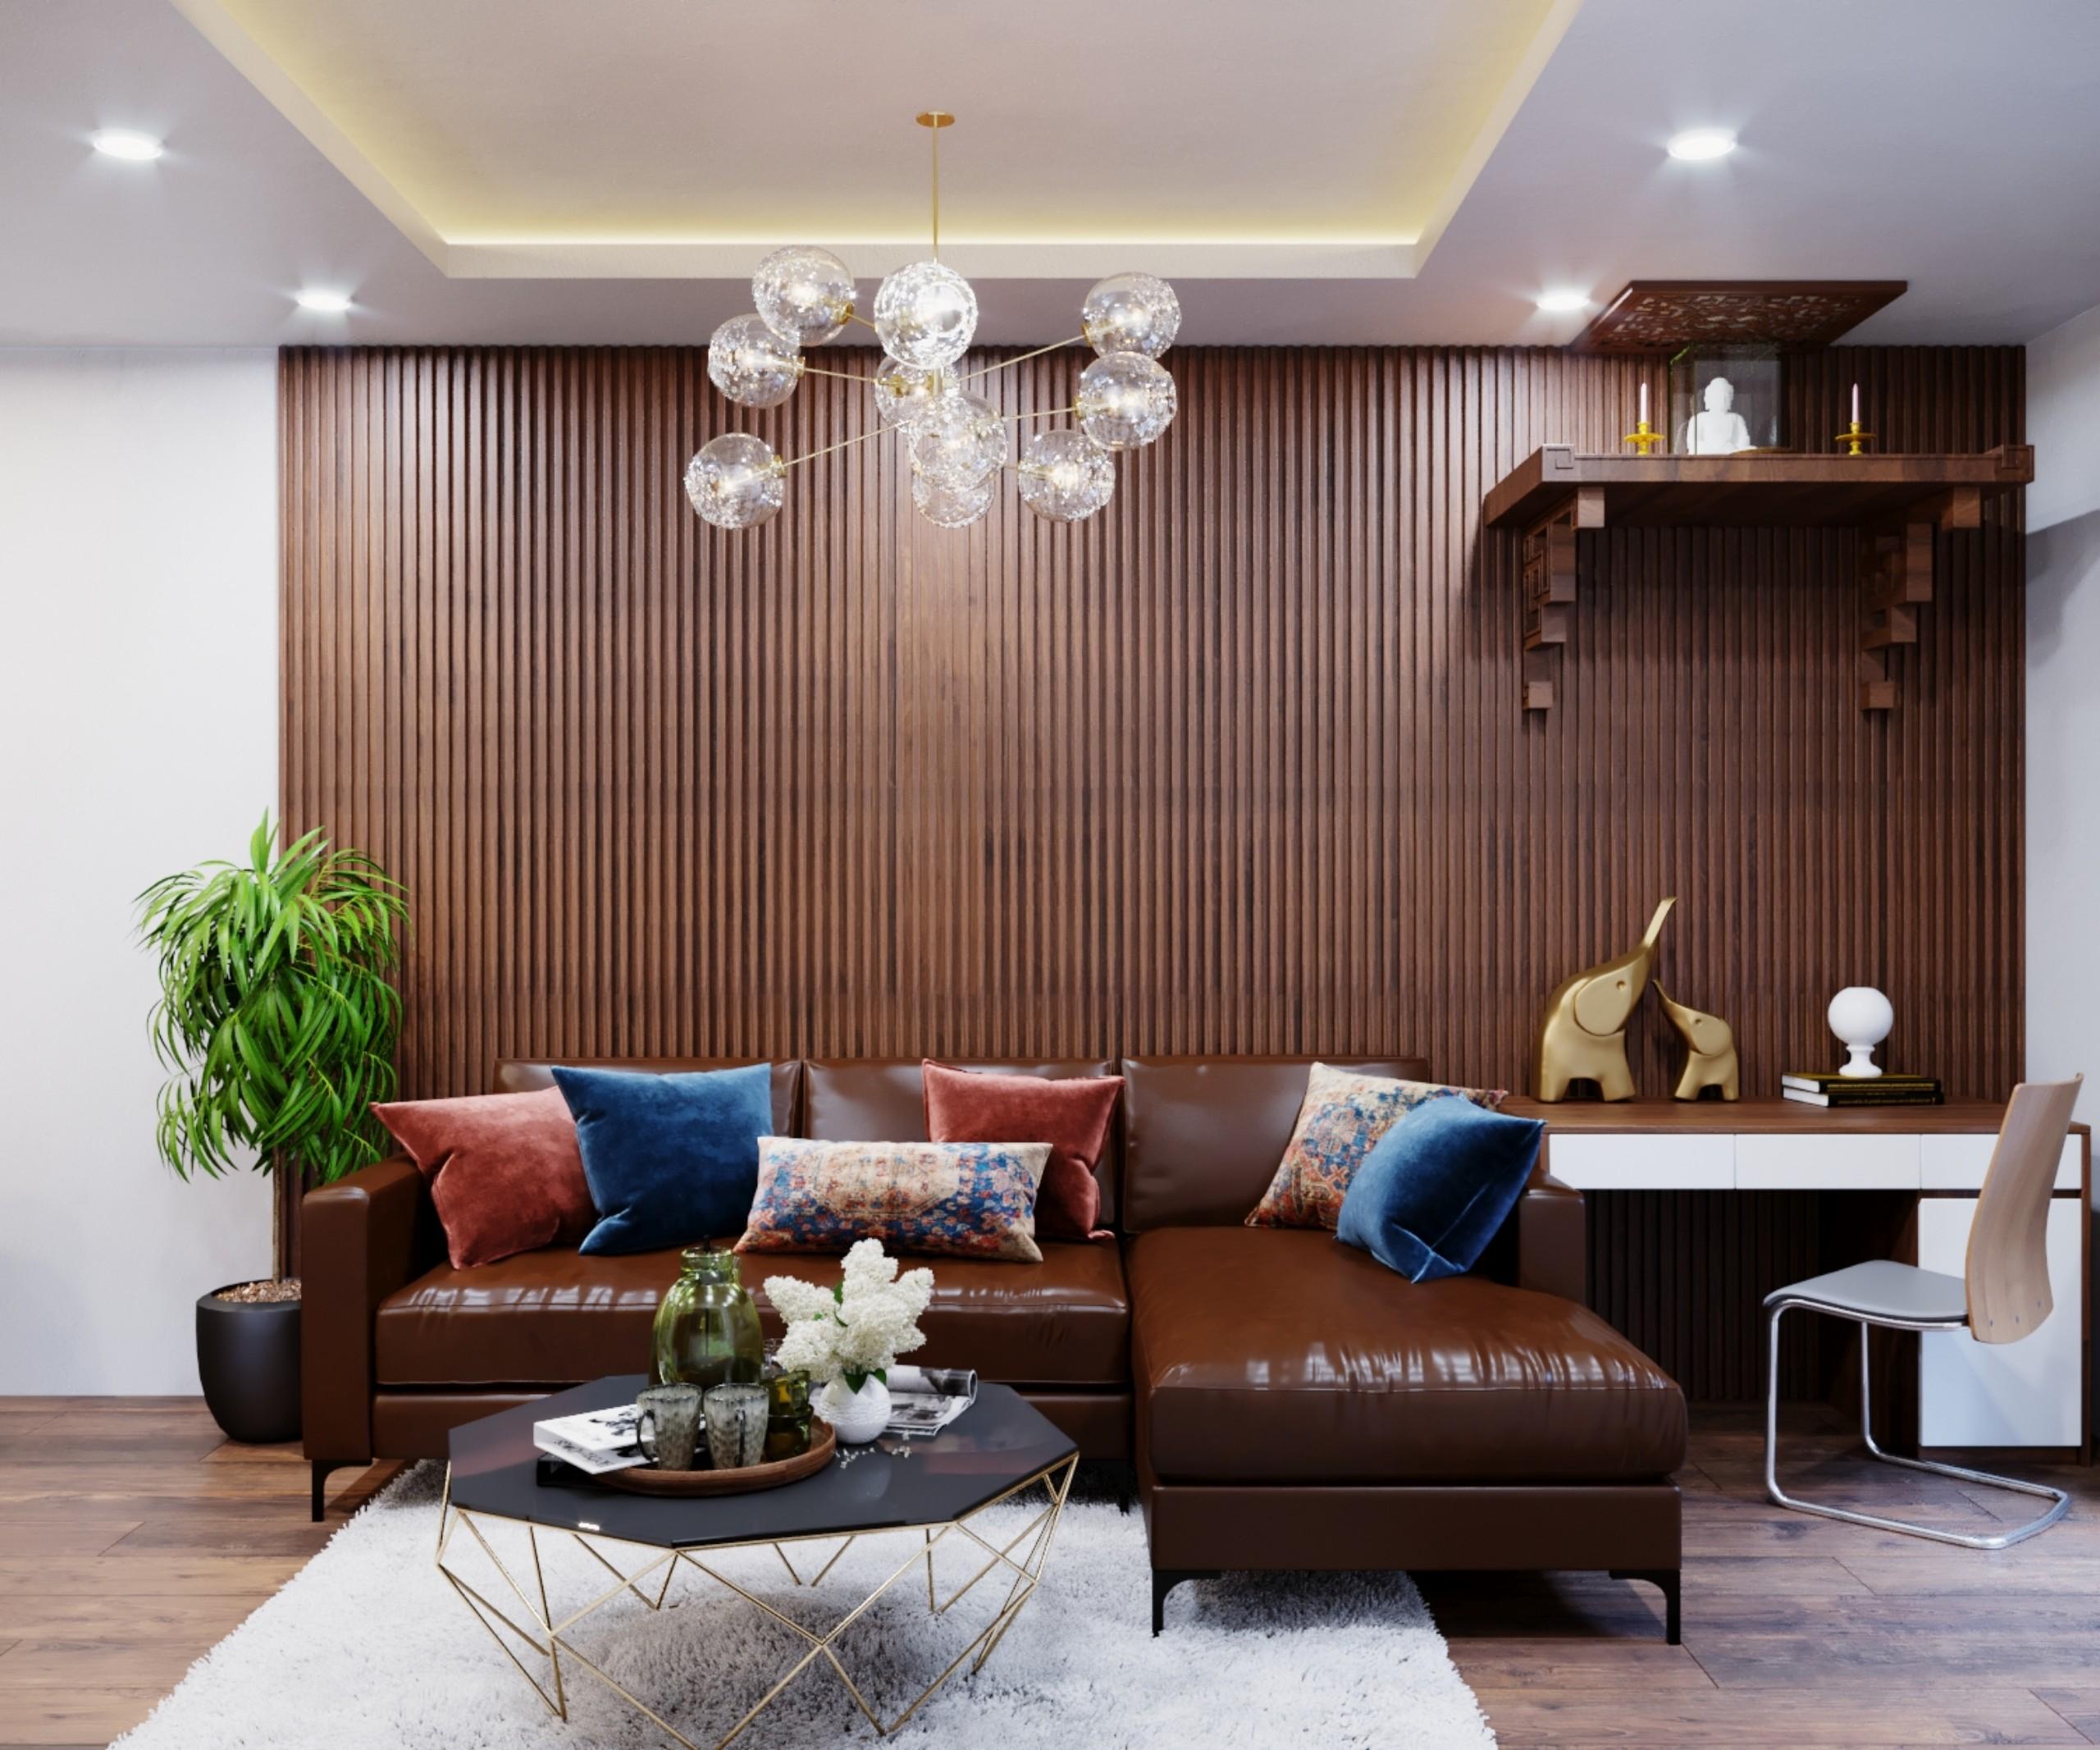 Những mẫu nhà chung cư đẹp khiến bạn mê mẩn 7